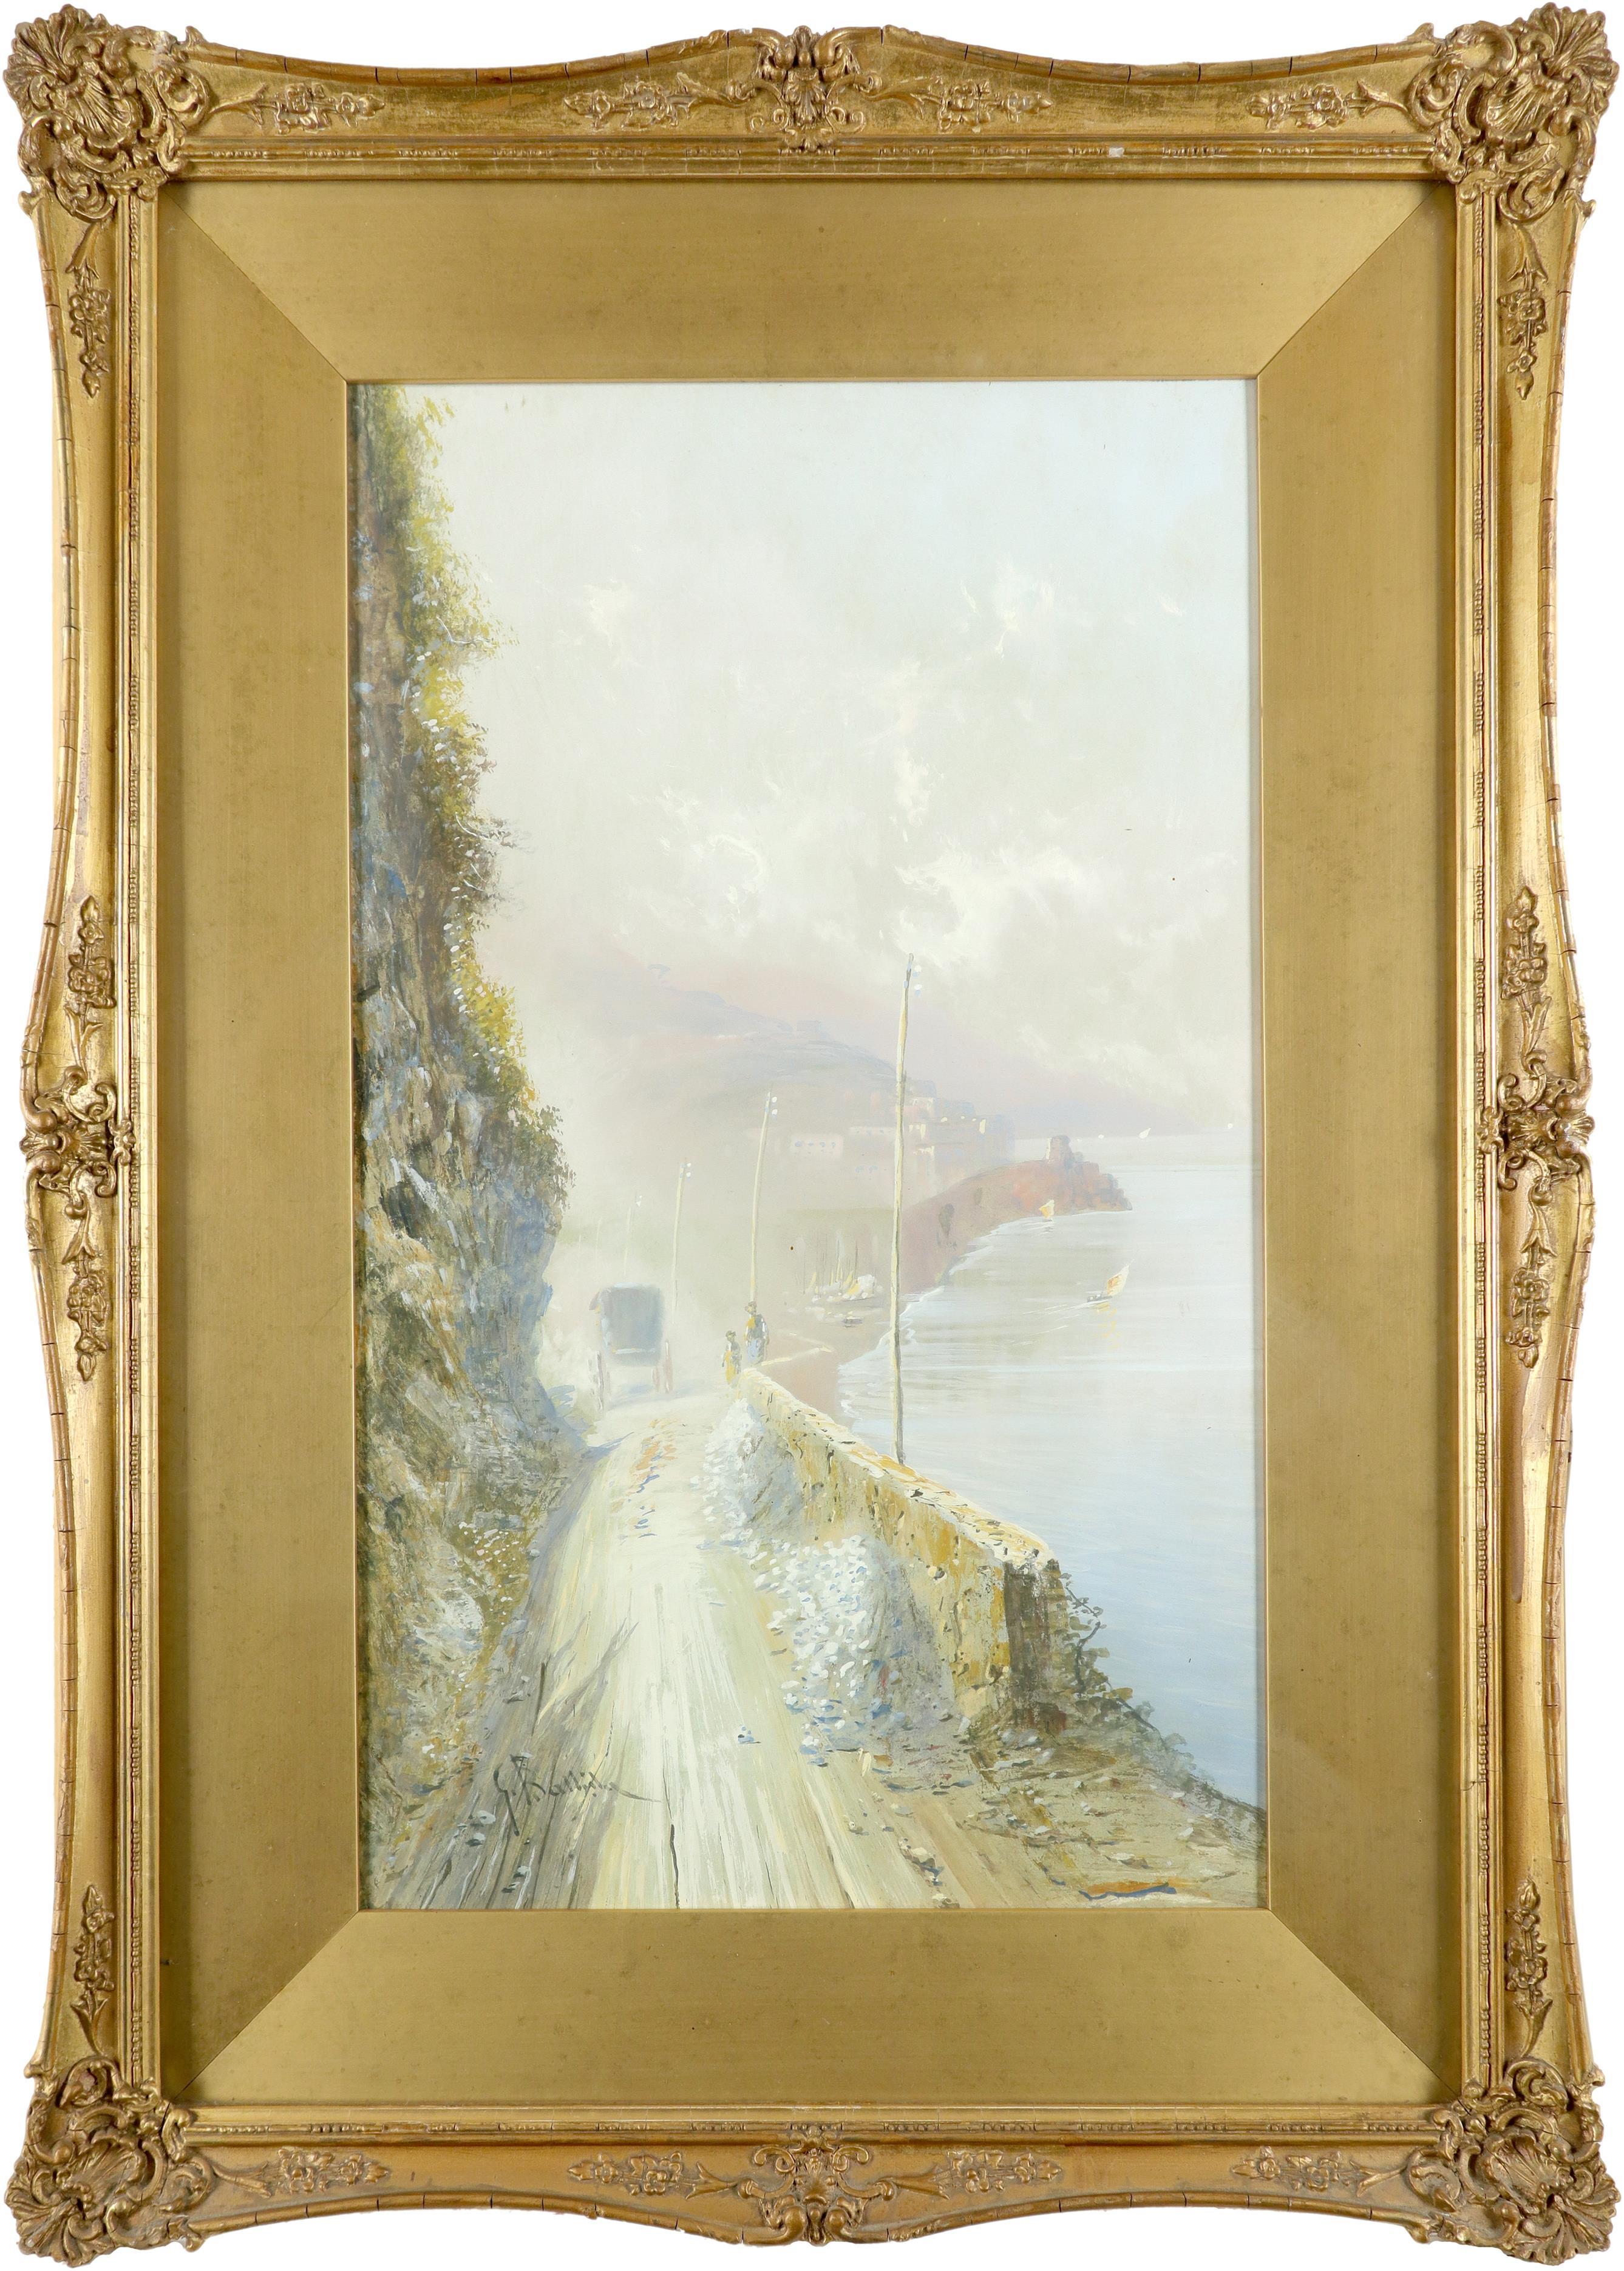 Giovanni Battista (Italian 1858-1925) View of the Faraglioni, Capri; View of a road on the Amalfi - Image 5 of 6